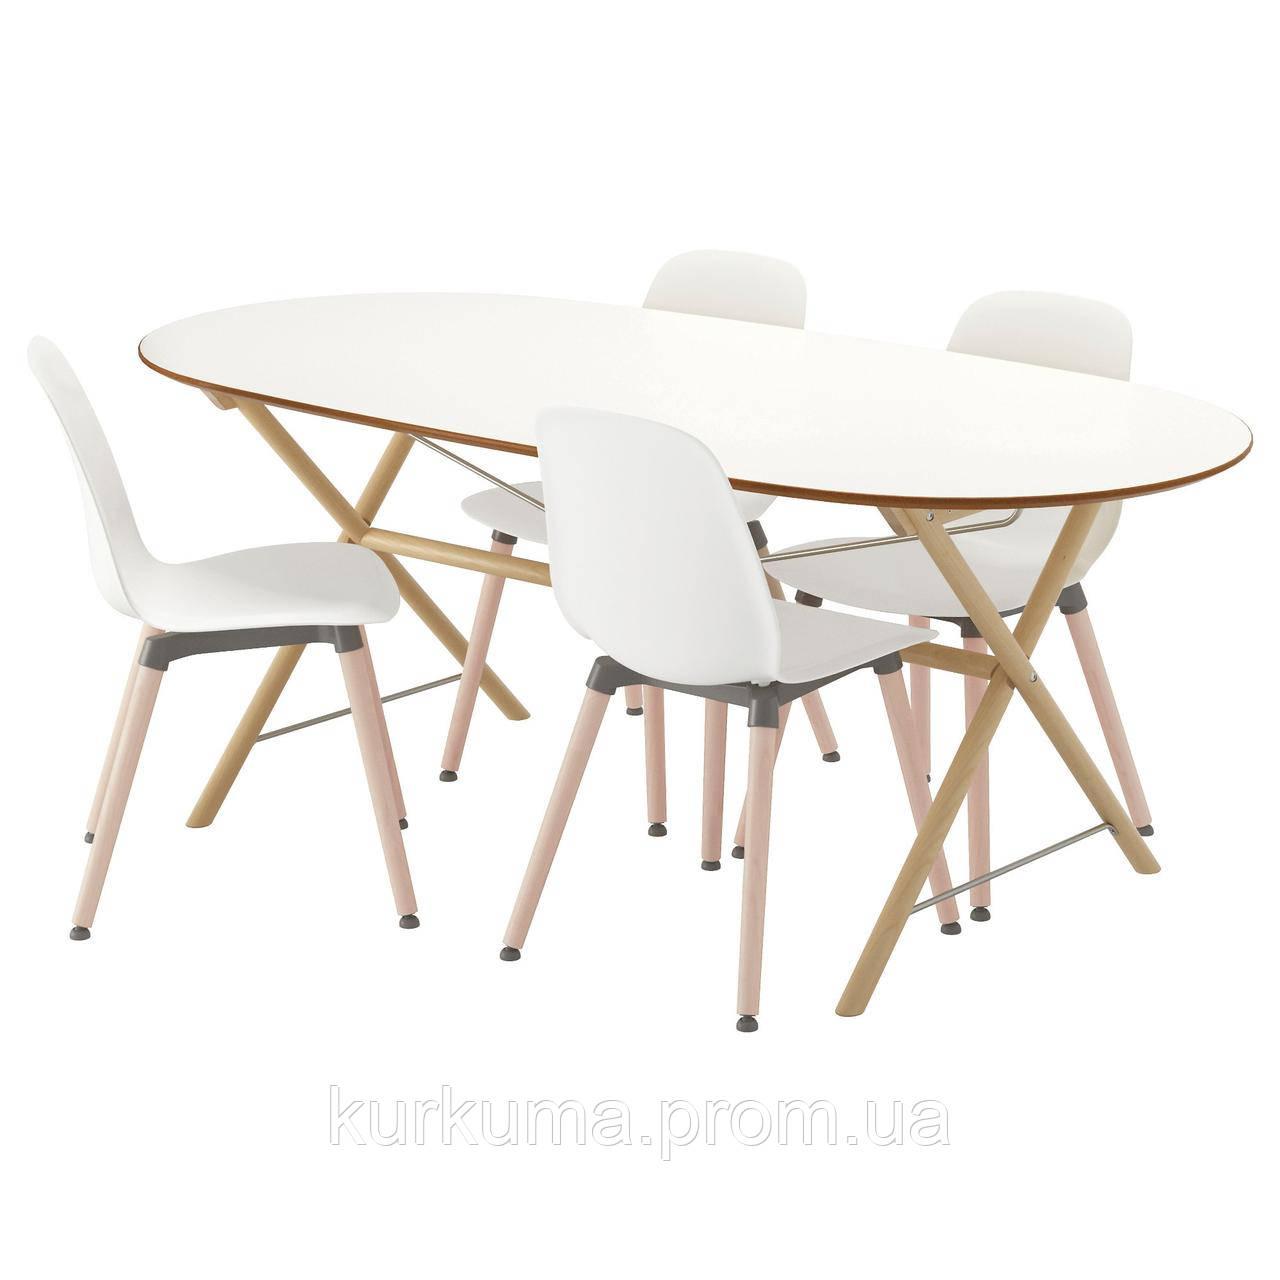 IKEA SLAHULT/DALSHULT/LEIFARNE Стол и 4 стула, береза, белый  (191.305.01)